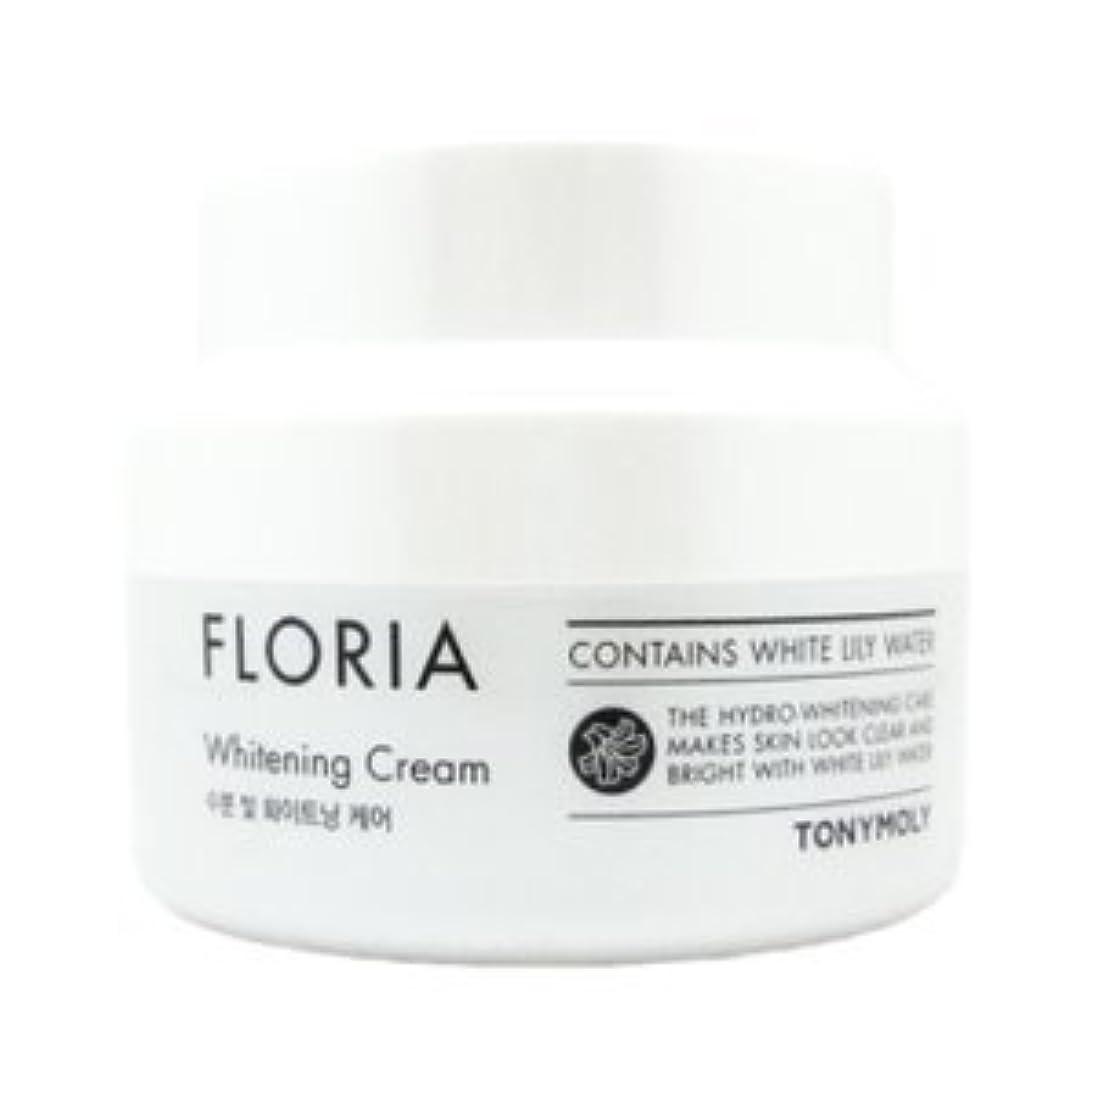 プットきらめく千TONYMOLY Floria Whitening Cream 60ml/トニーモリー フロリア ホワイトニング クリーム 60ml [並行輸入品]